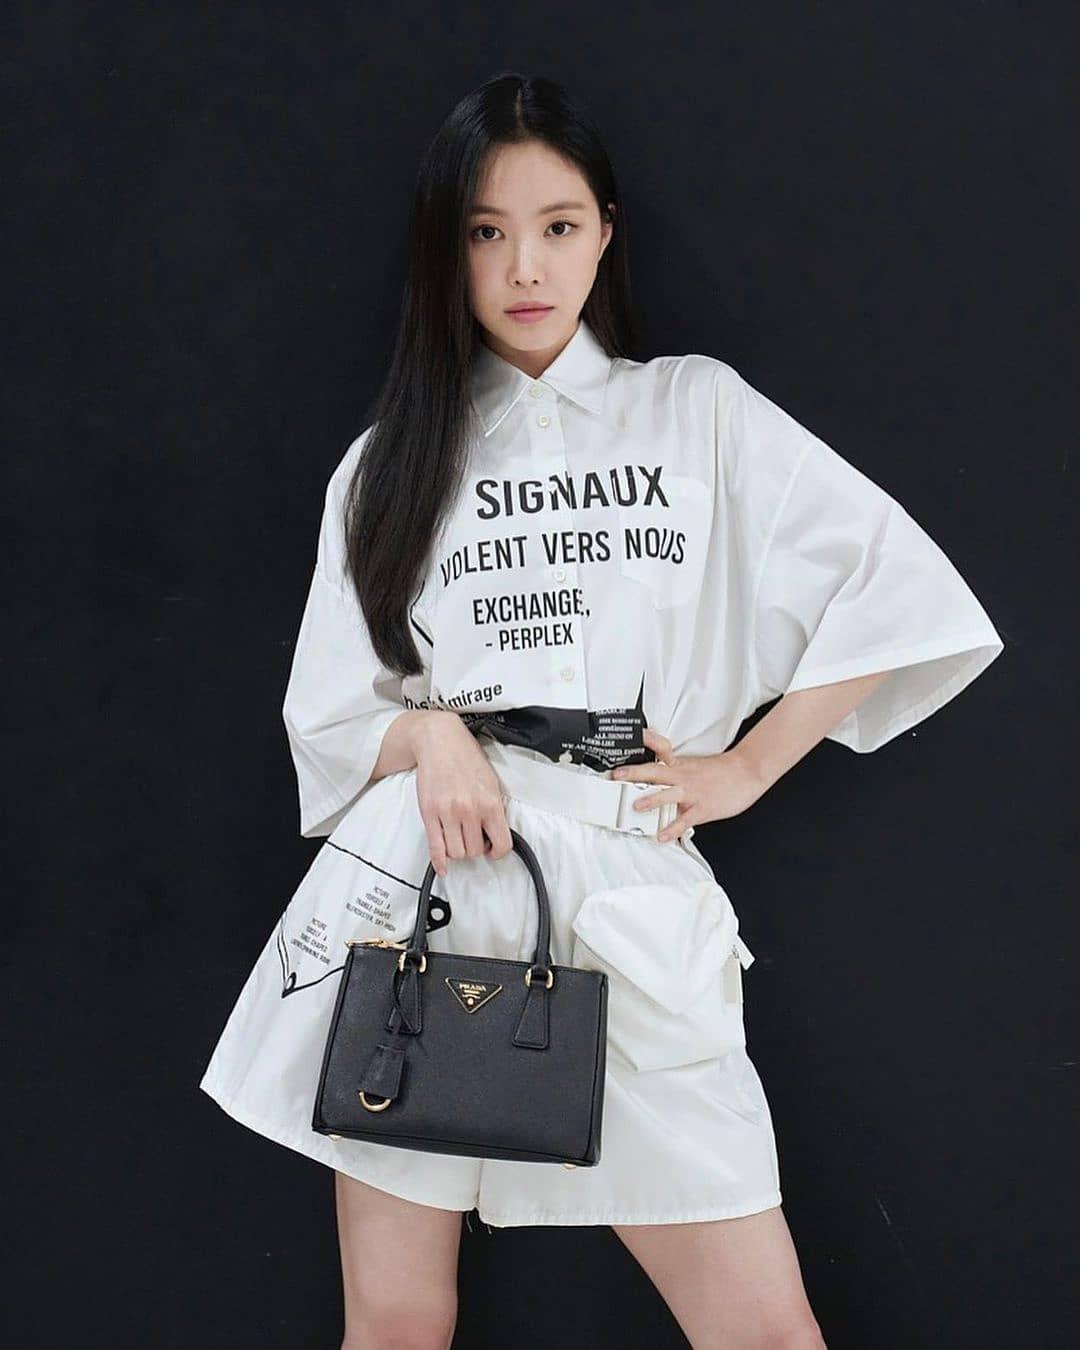 Na Eun cũng được khen là một trong những mỹ nhân rất có khí chất high fashion. Cách phối đồ độc đáo tông trắng của cô kết hợp hoàn hảo cùng chiếc túi xách đen, tạo nên shoot hình rất bắt mắt.